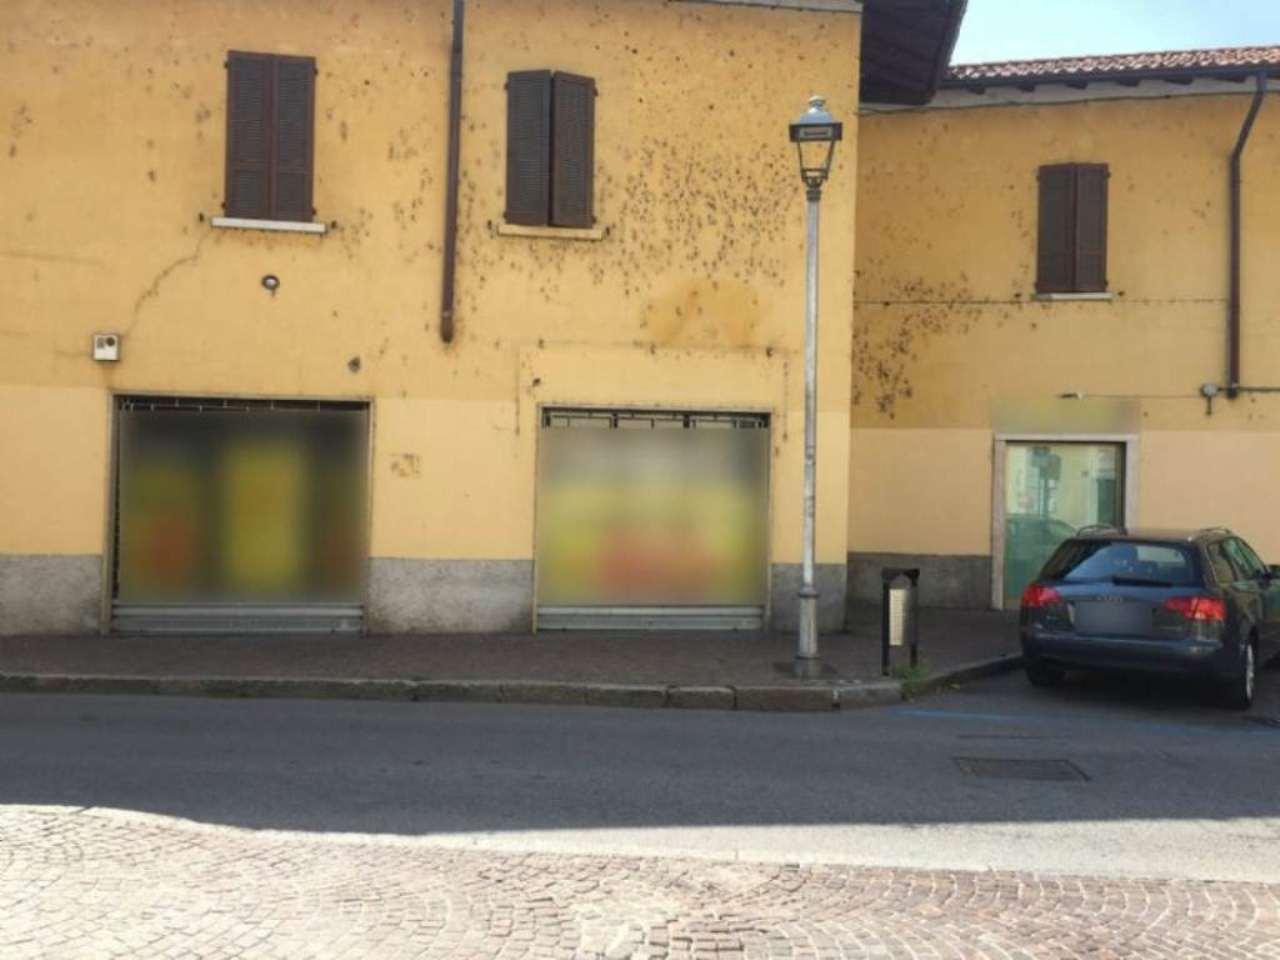 Negozio / Locale in affitto a Cassano d'Adda, 9999 locali, prezzo € 550 | Cambio Casa.it